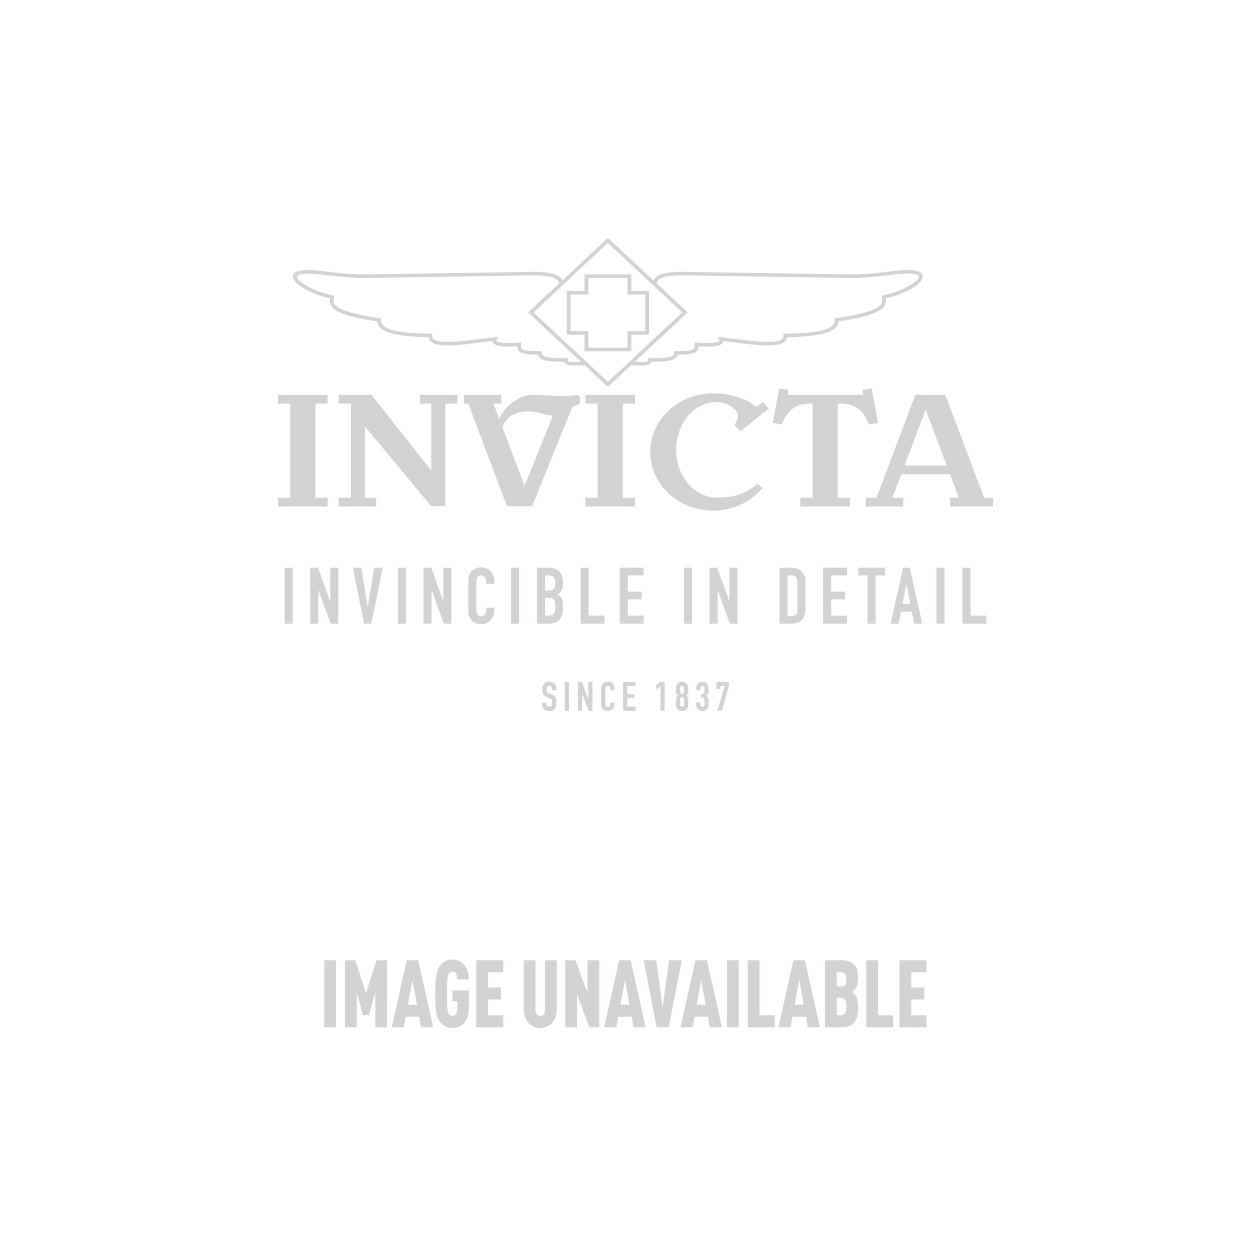 Invicta Model 27193